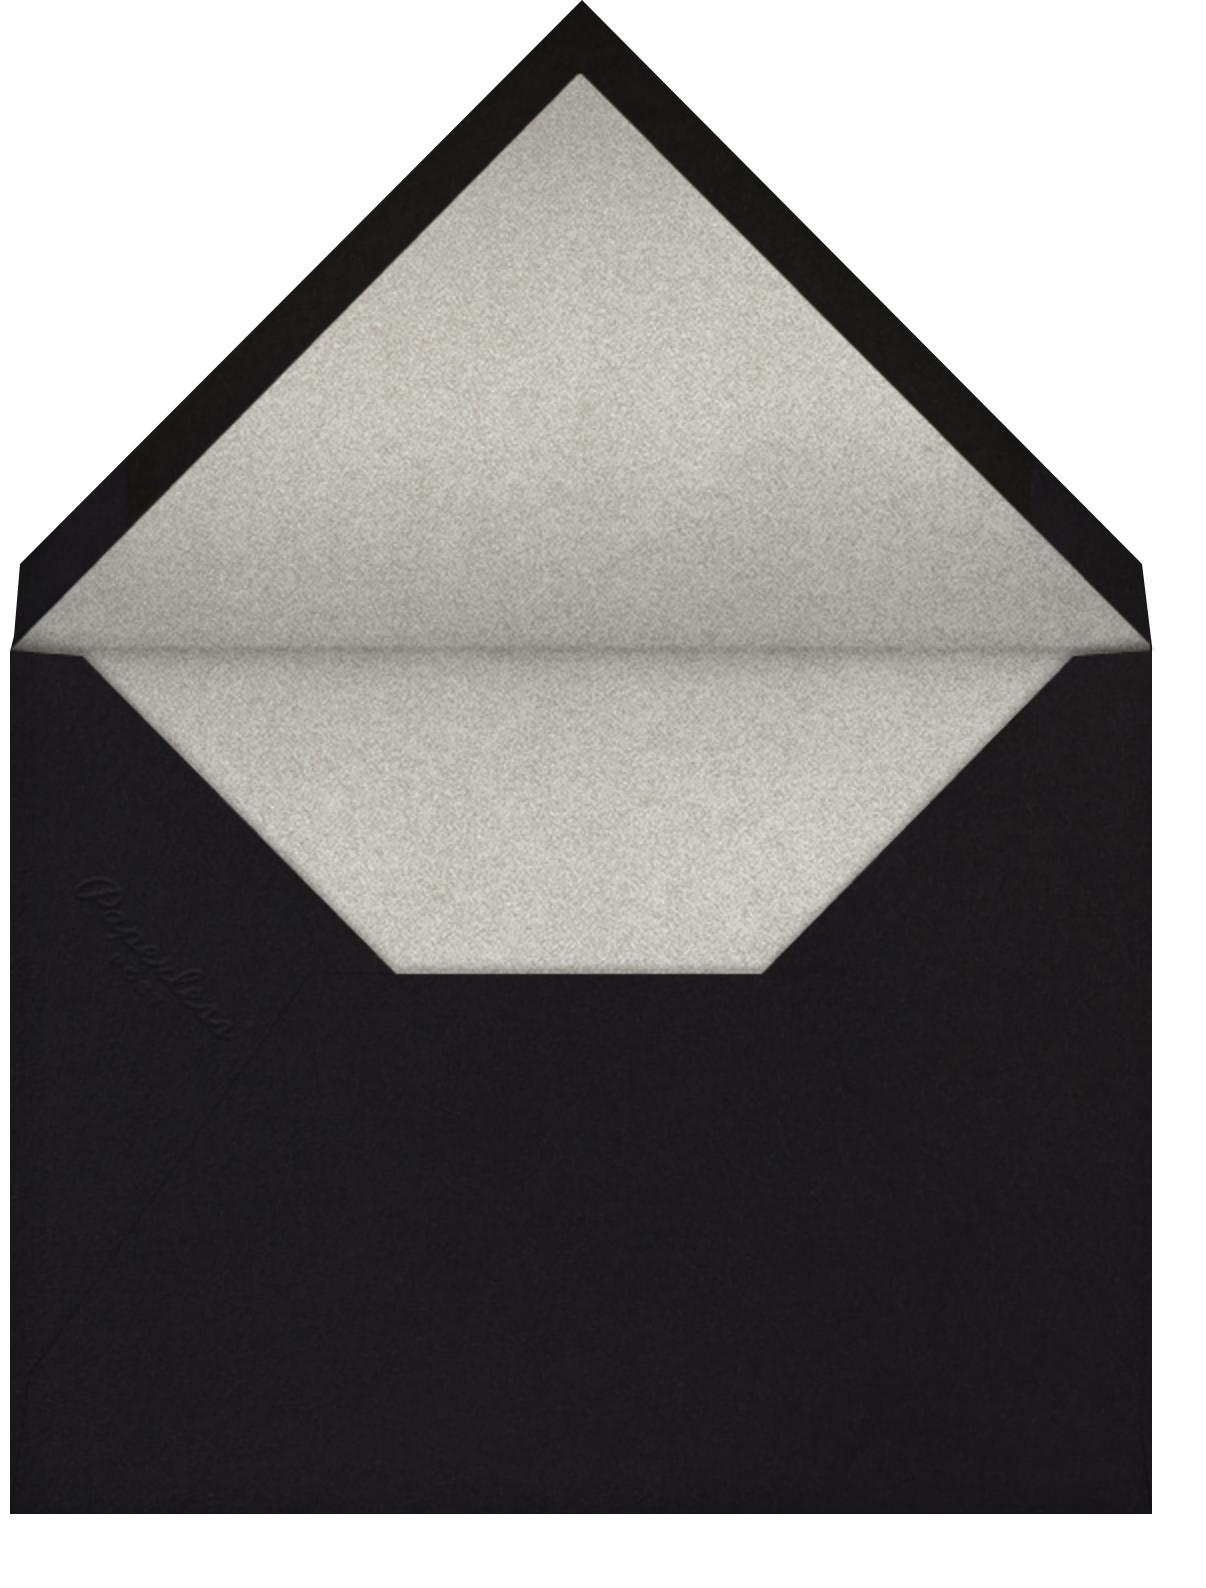 Cheers on Cheers - Silver - Paperless Post - Envelope